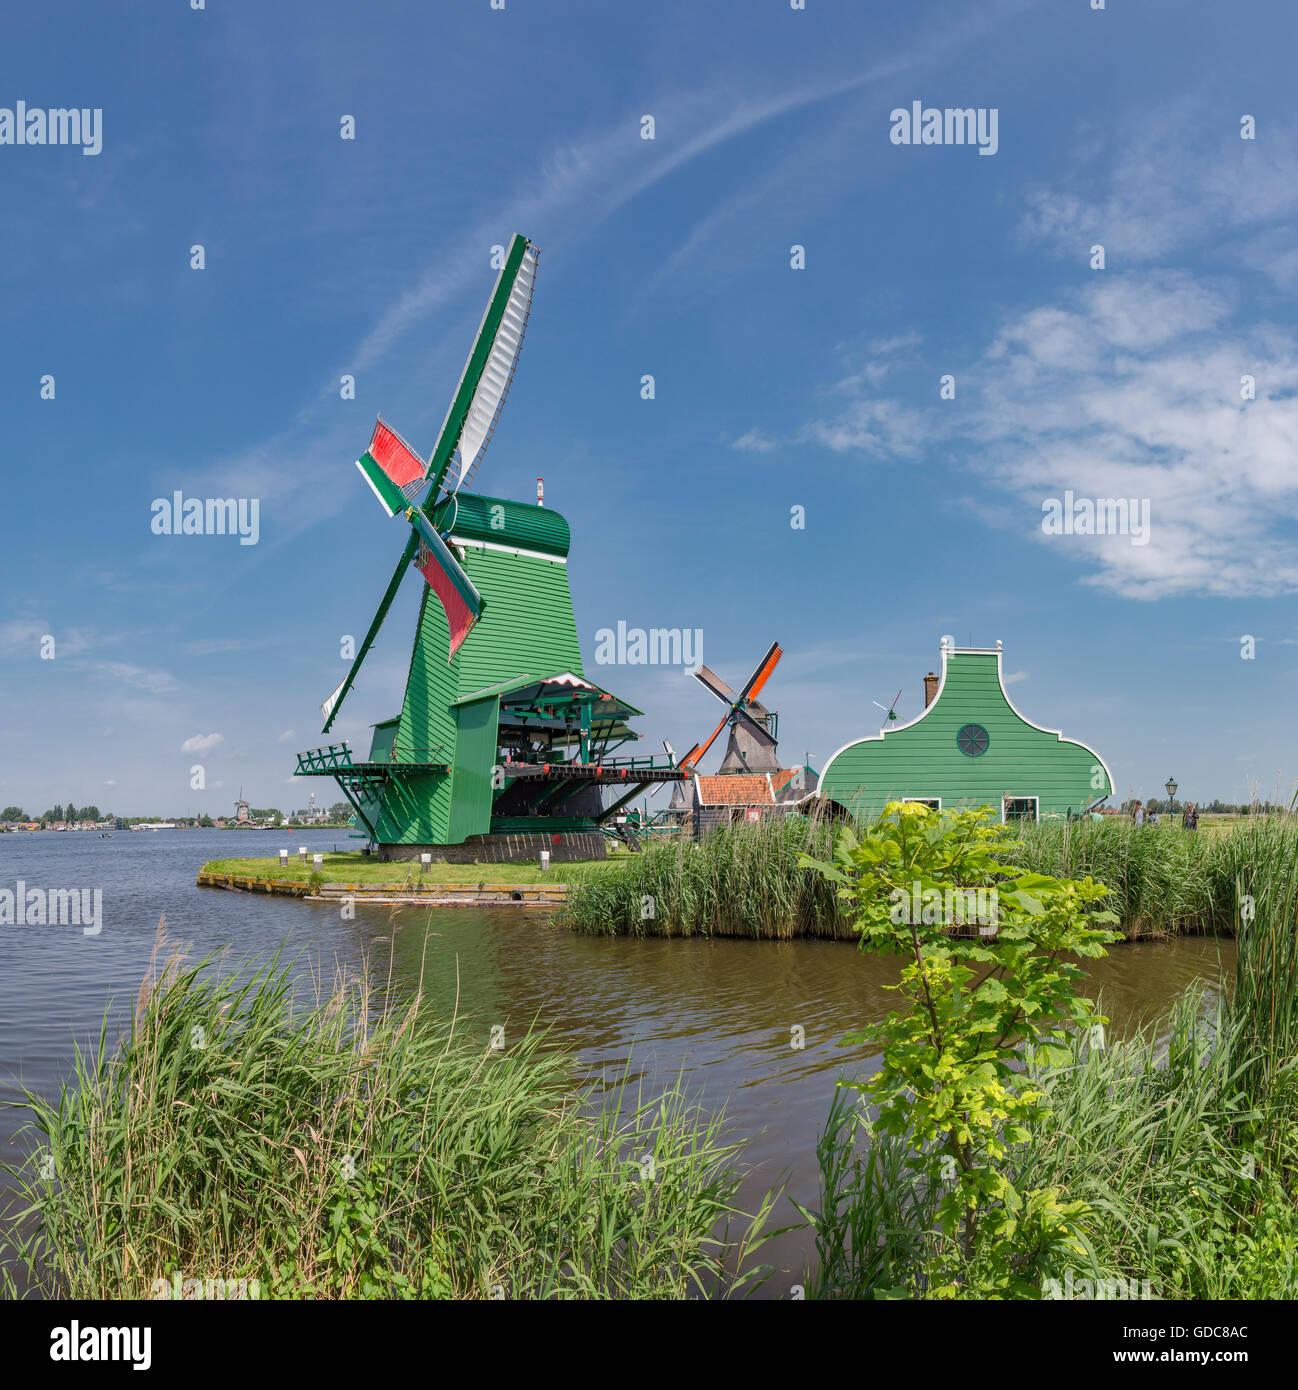 Zaandam,Noord-Holland,Windmills de Poelenburg,de Kat,de Zoeke along the river Zaan - Stock Image